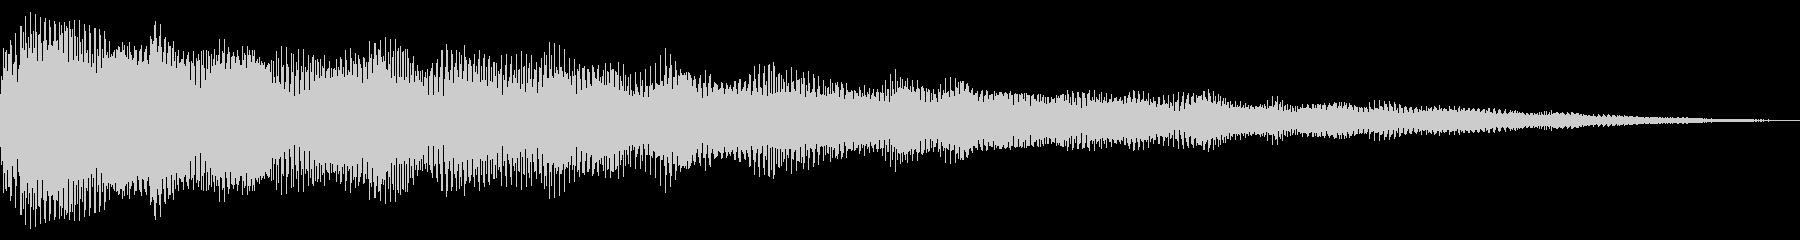 響き渡る低音リラクゼーショントラックの未再生の波形